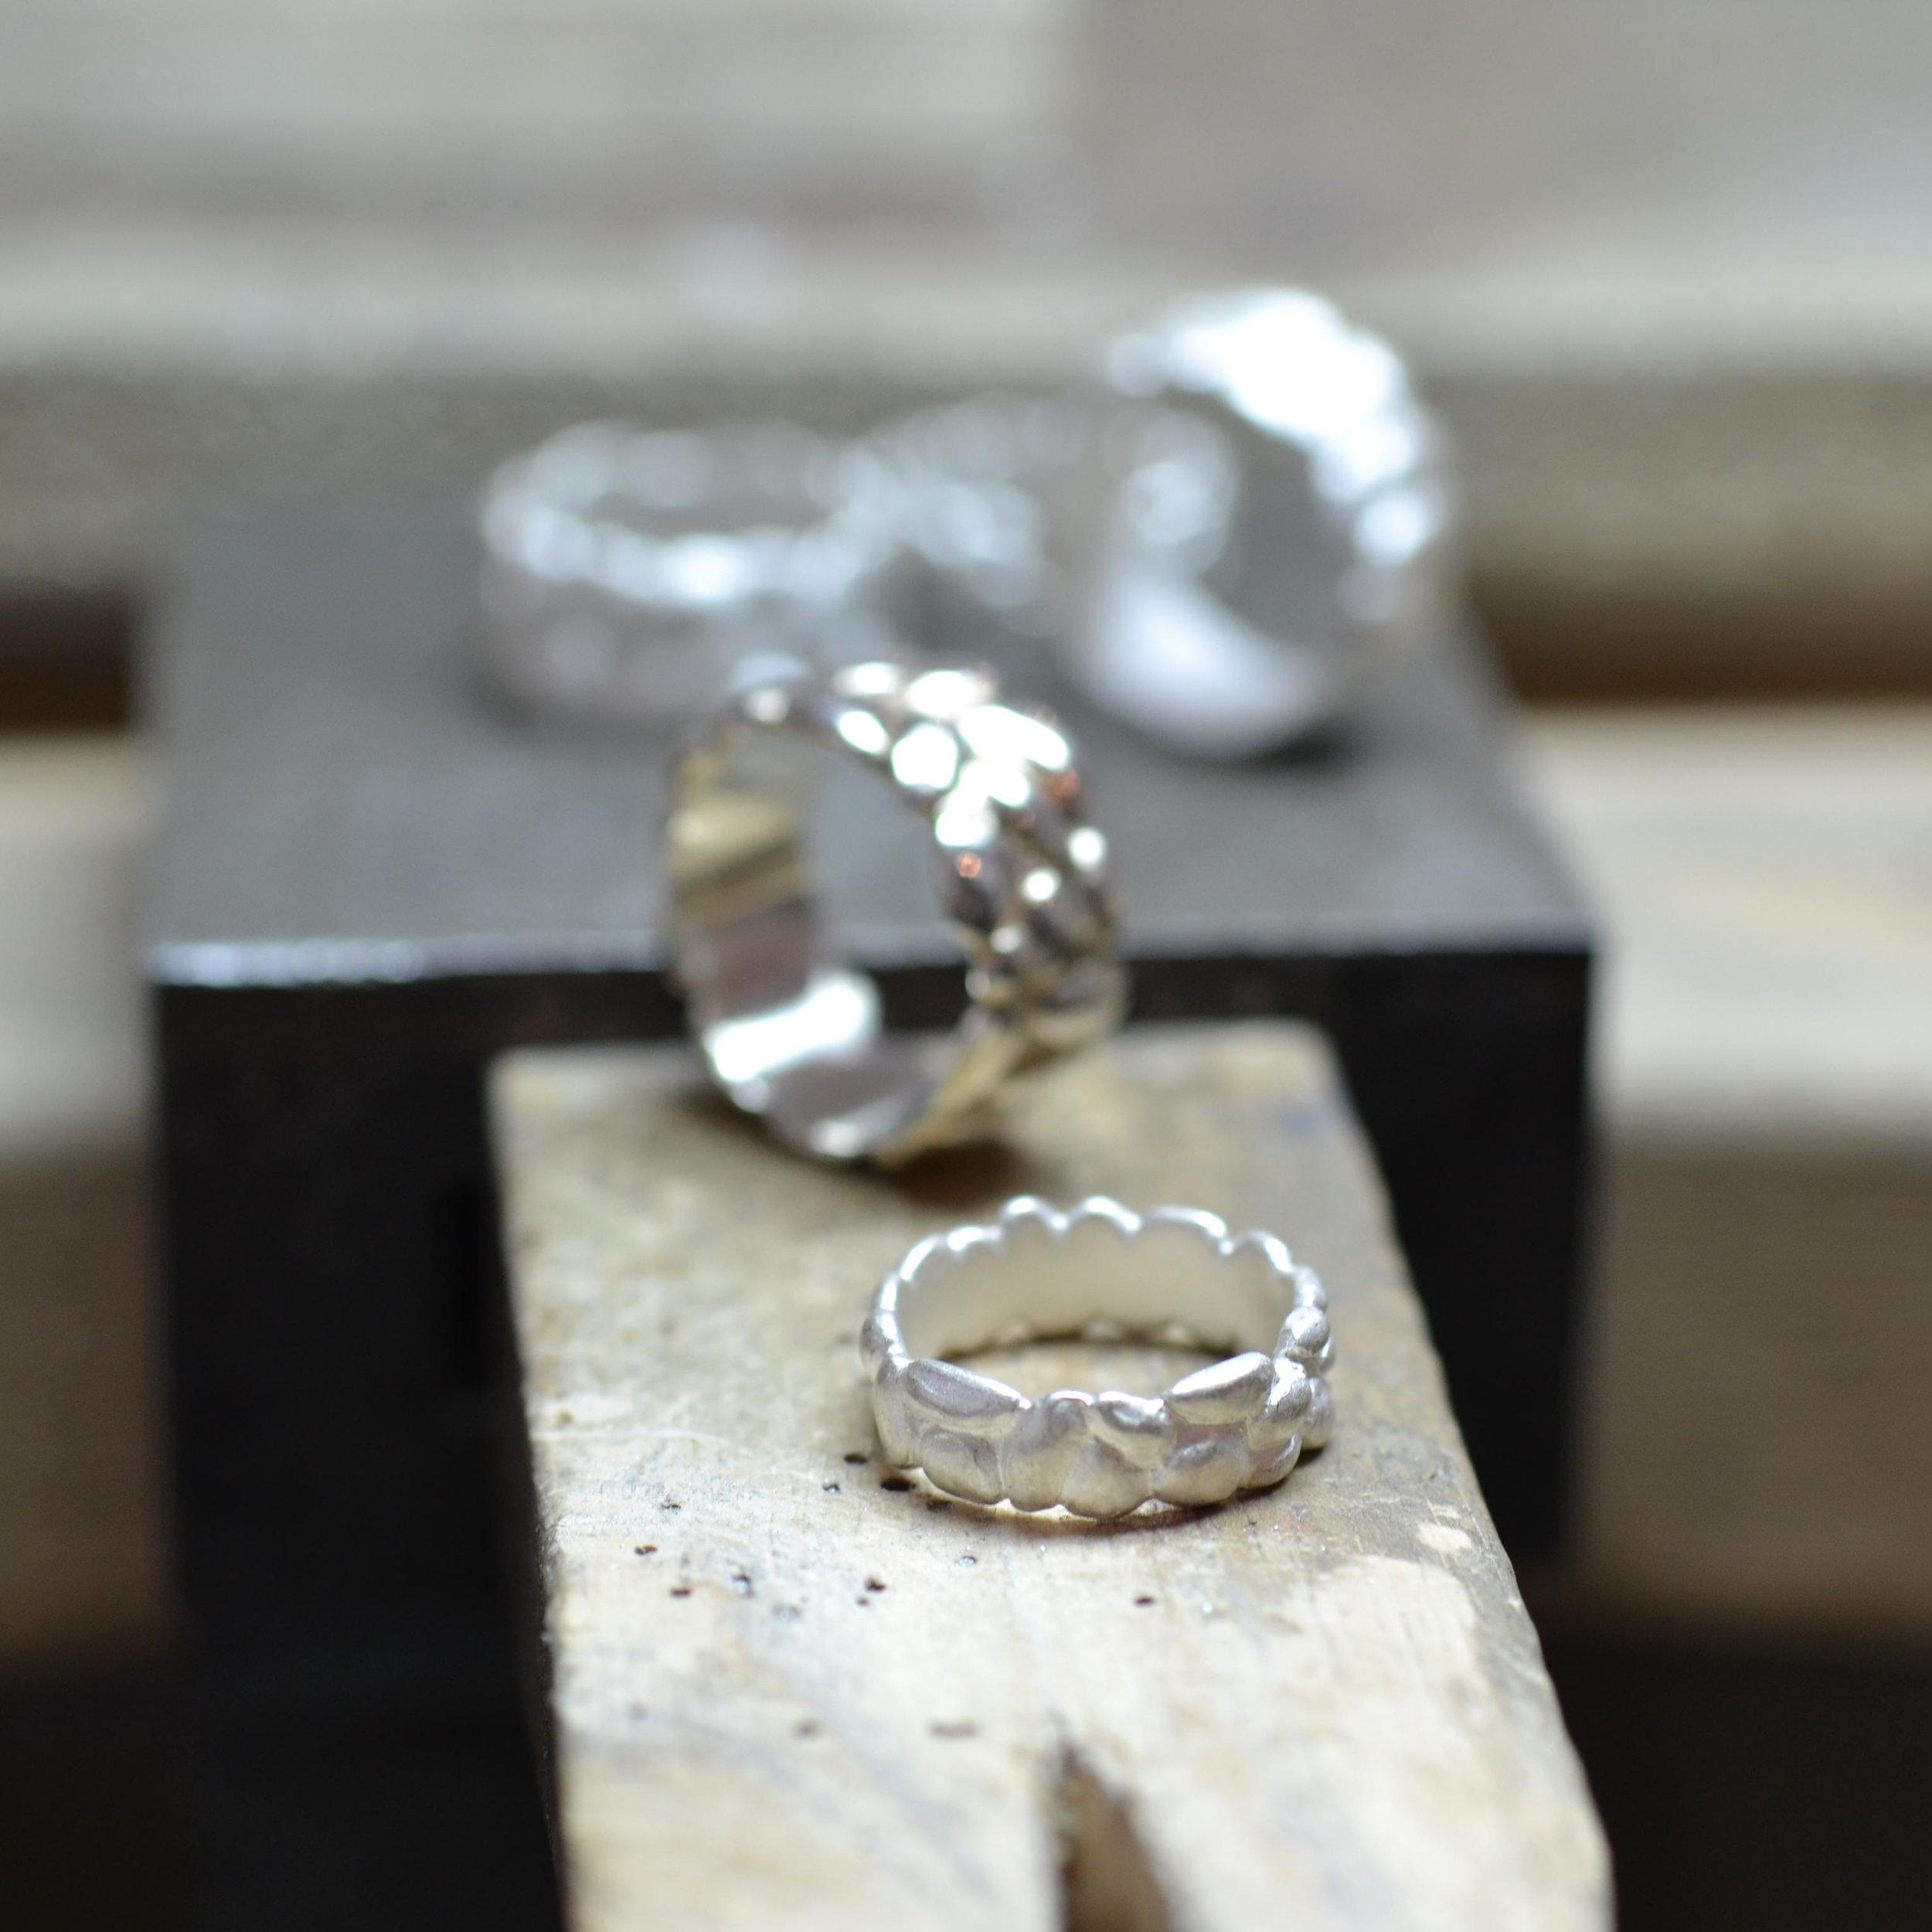 keien ringen making of 2.jpg